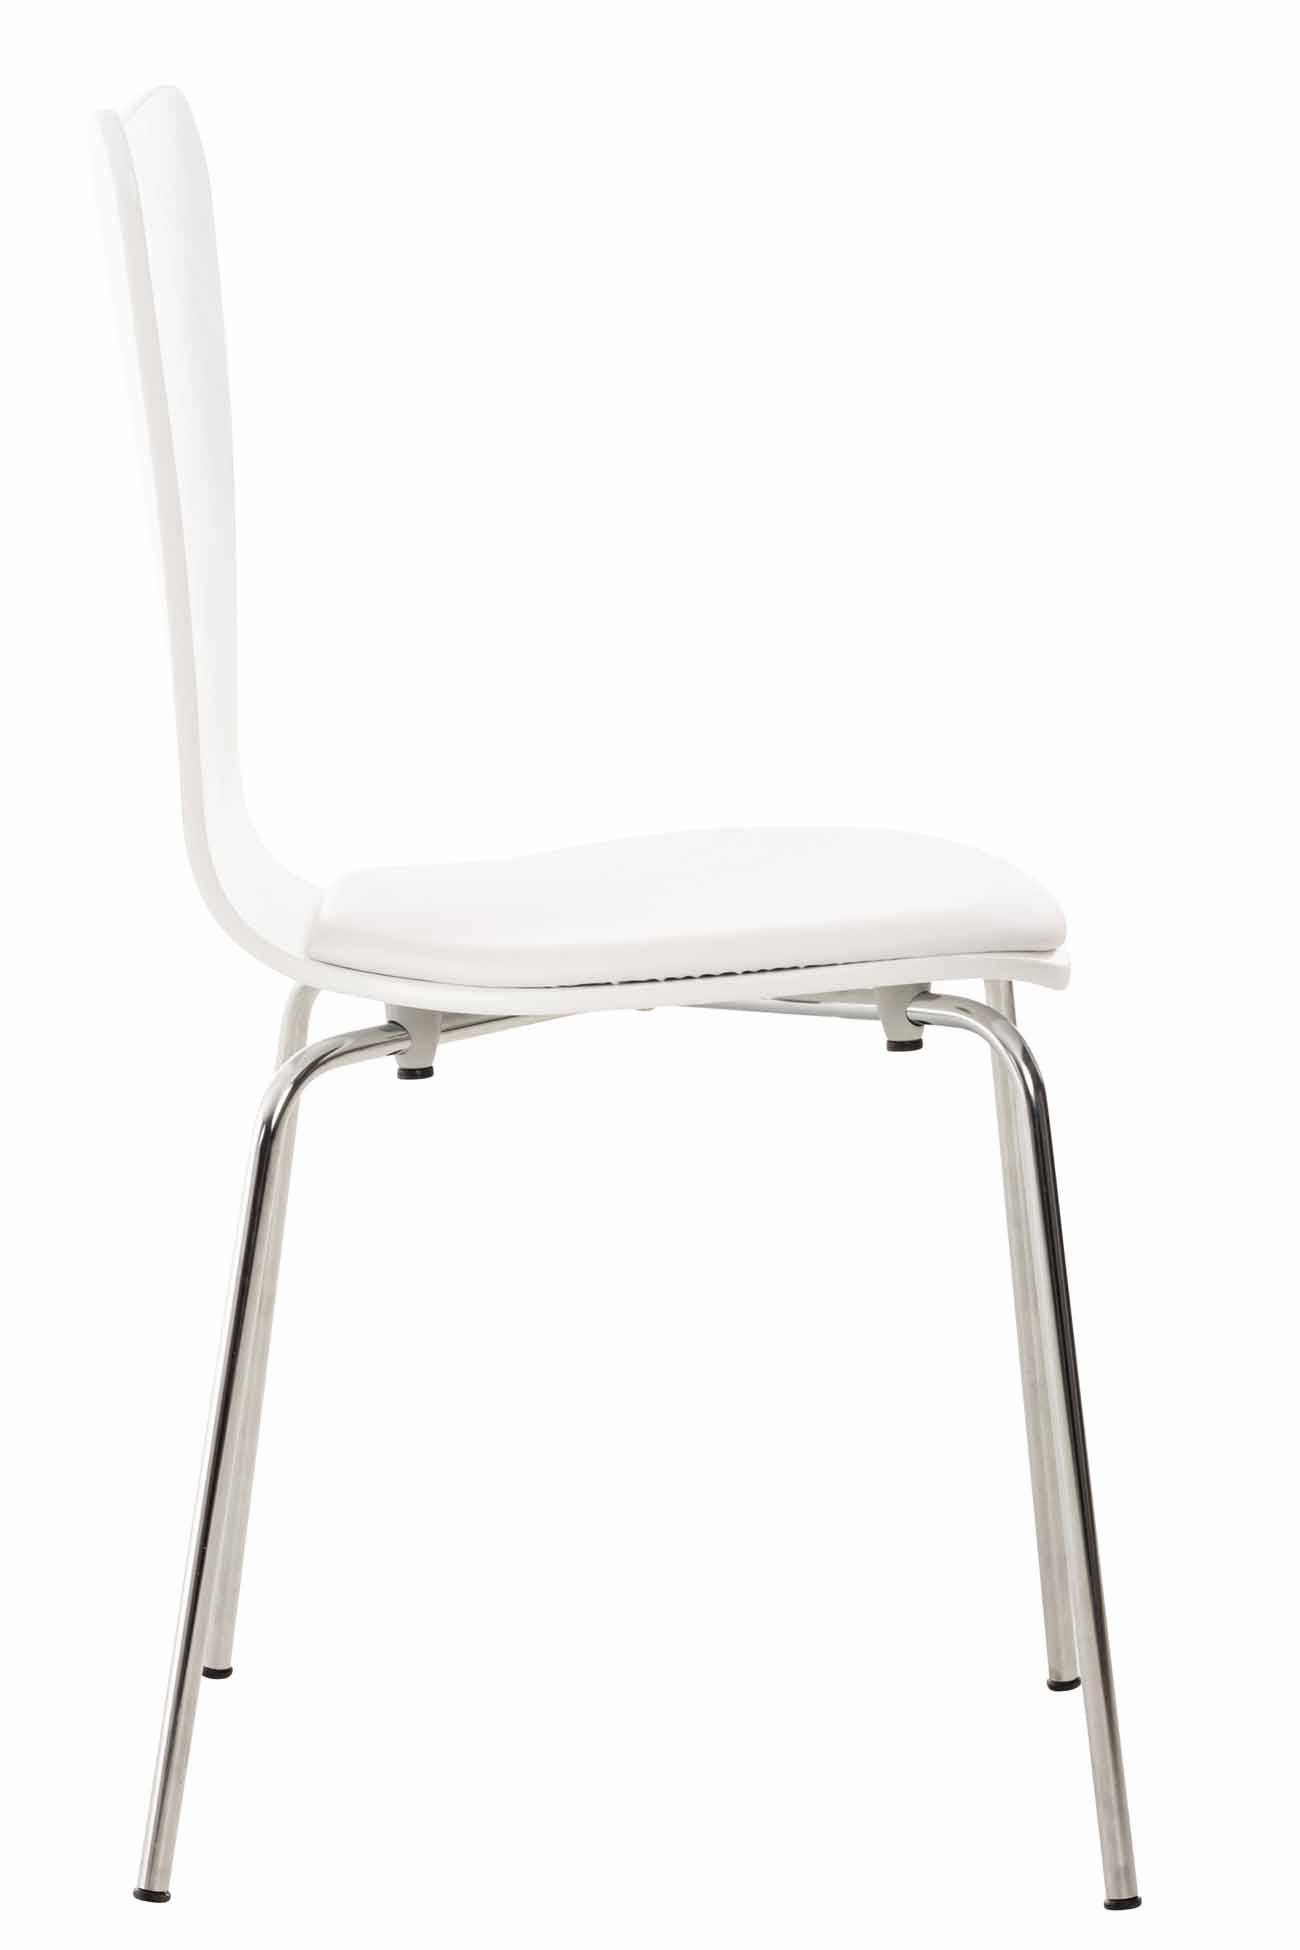 Překližková jídelní židle Story, bílá/bílá